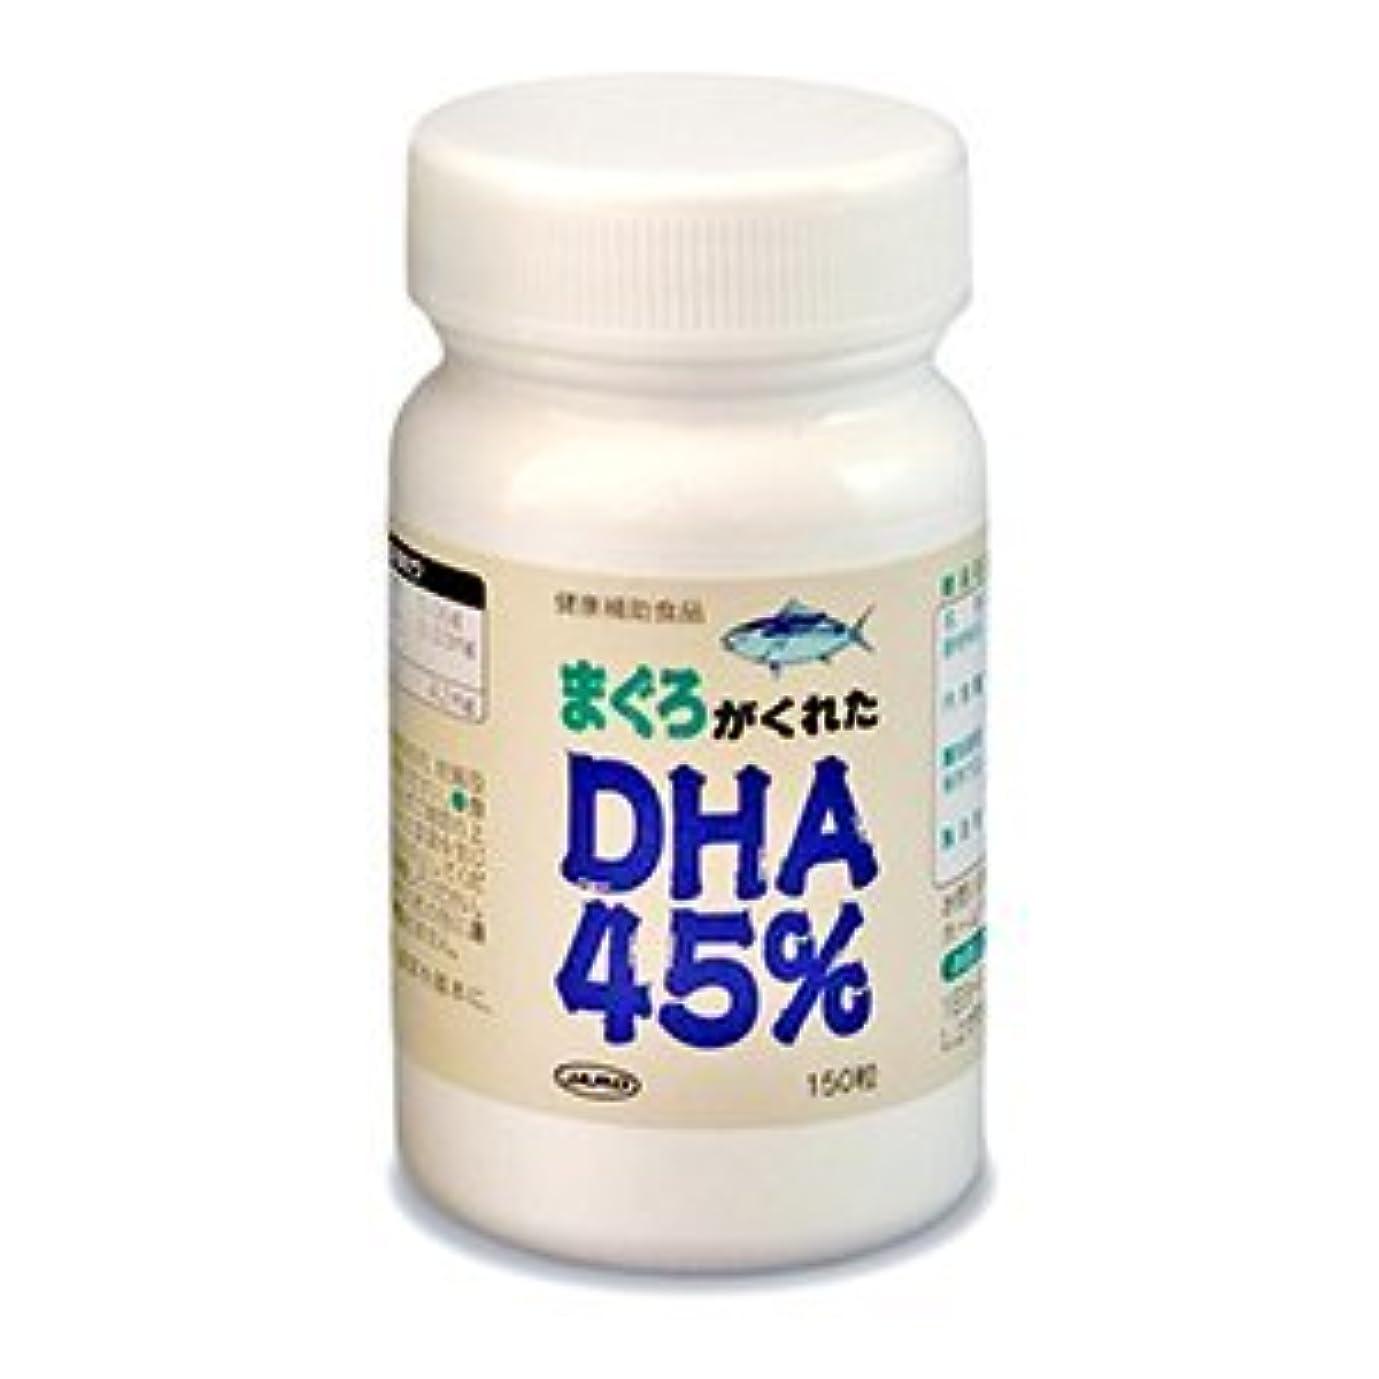 過去とげのある手綱まぐろがくれたDHA45% 150粒(約1ヶ月分)